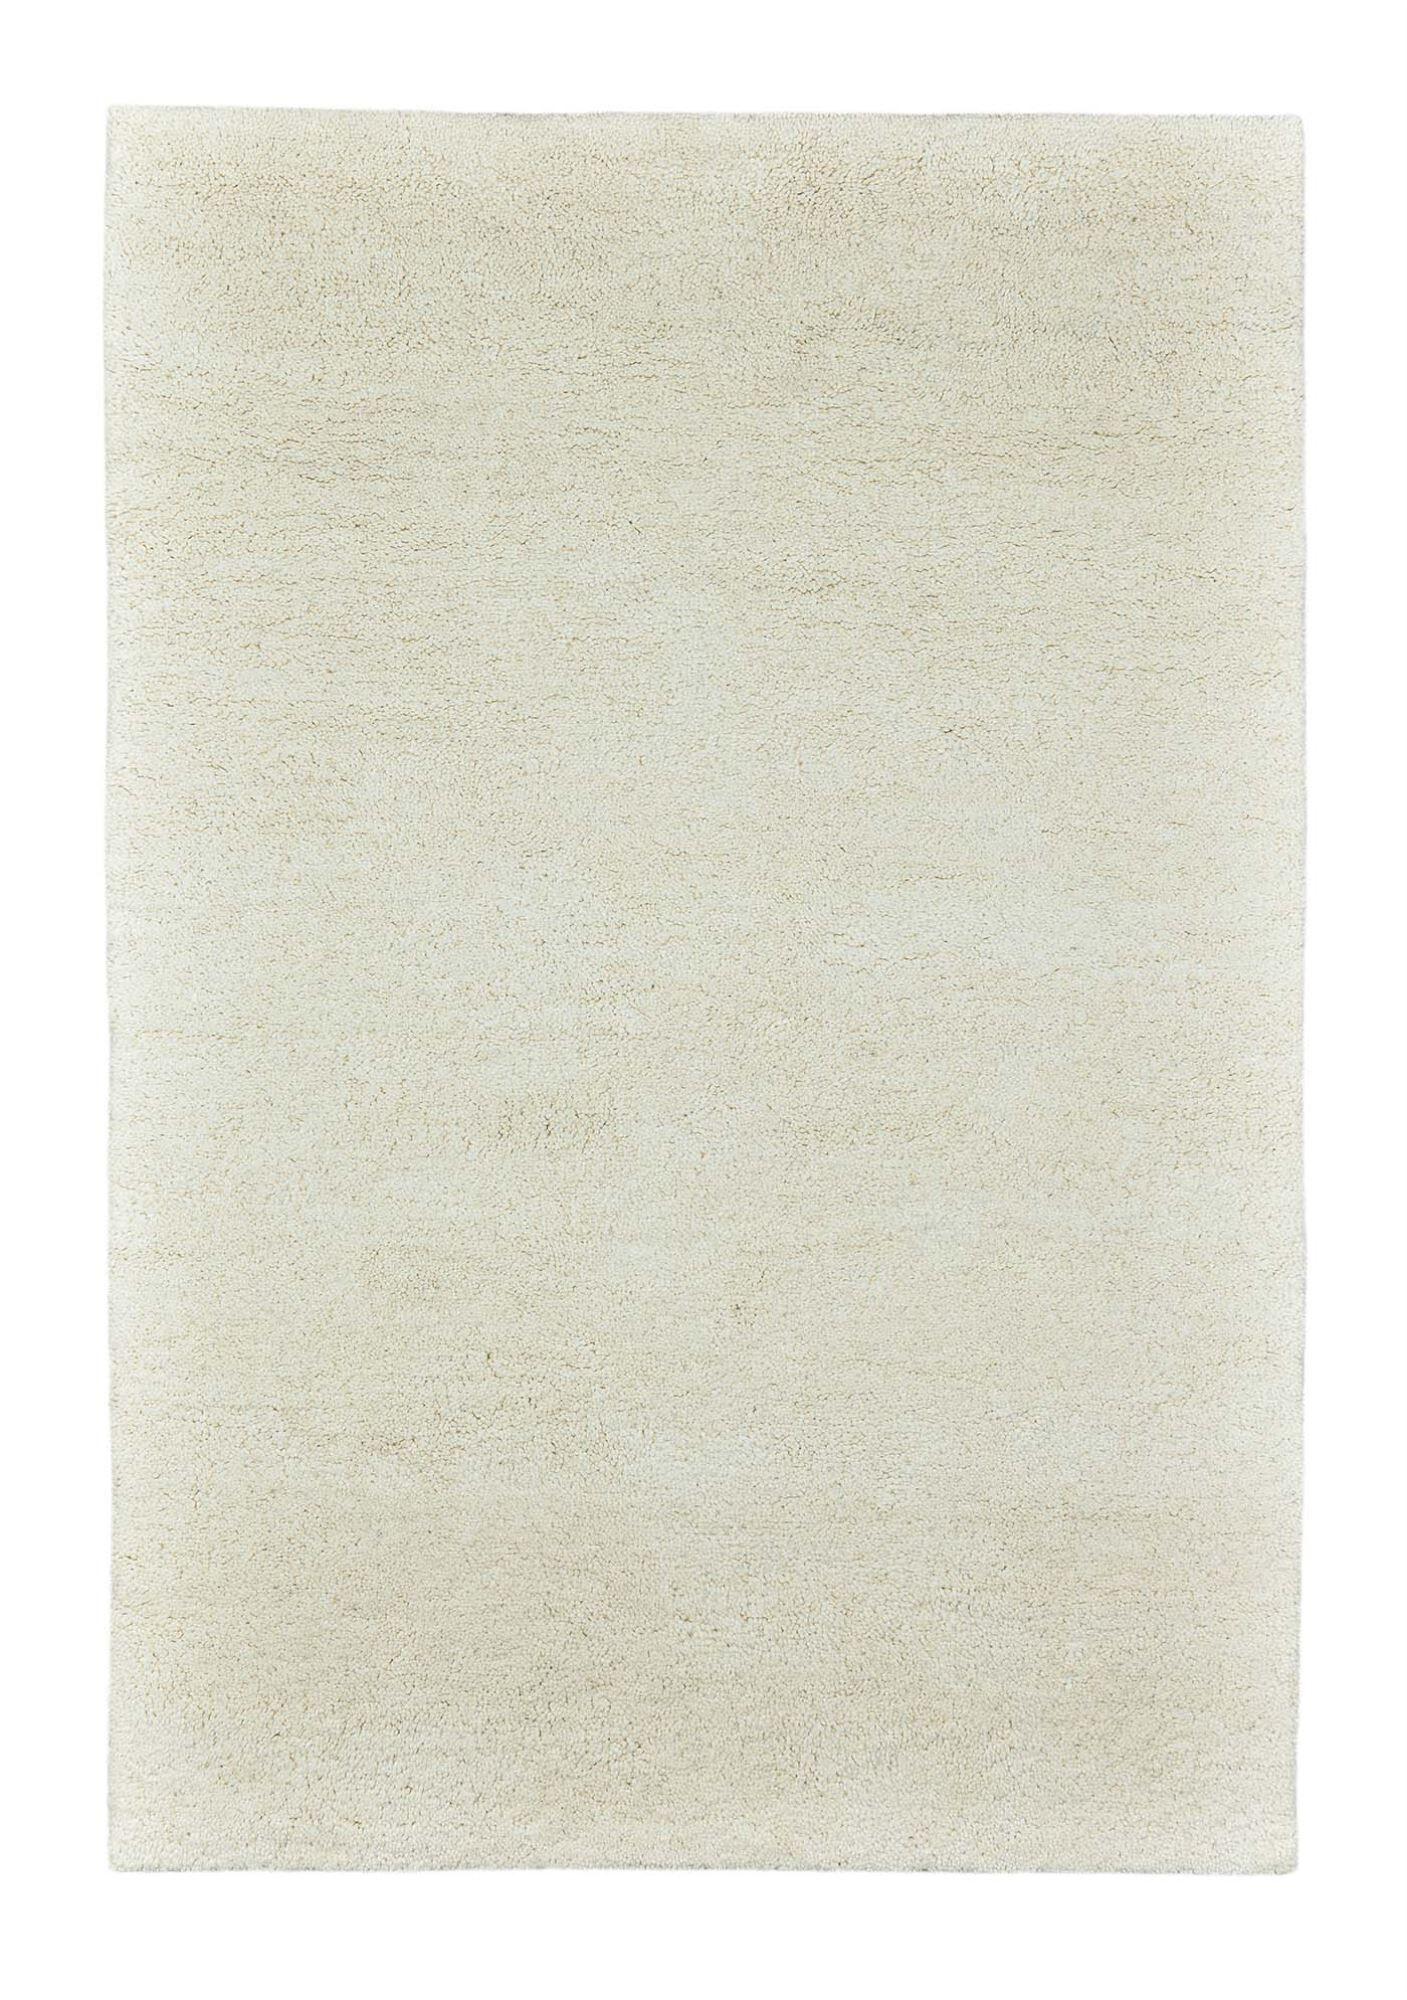 THEKO Tapis Berbre du maroc en laine naturelle Blanc 170x240